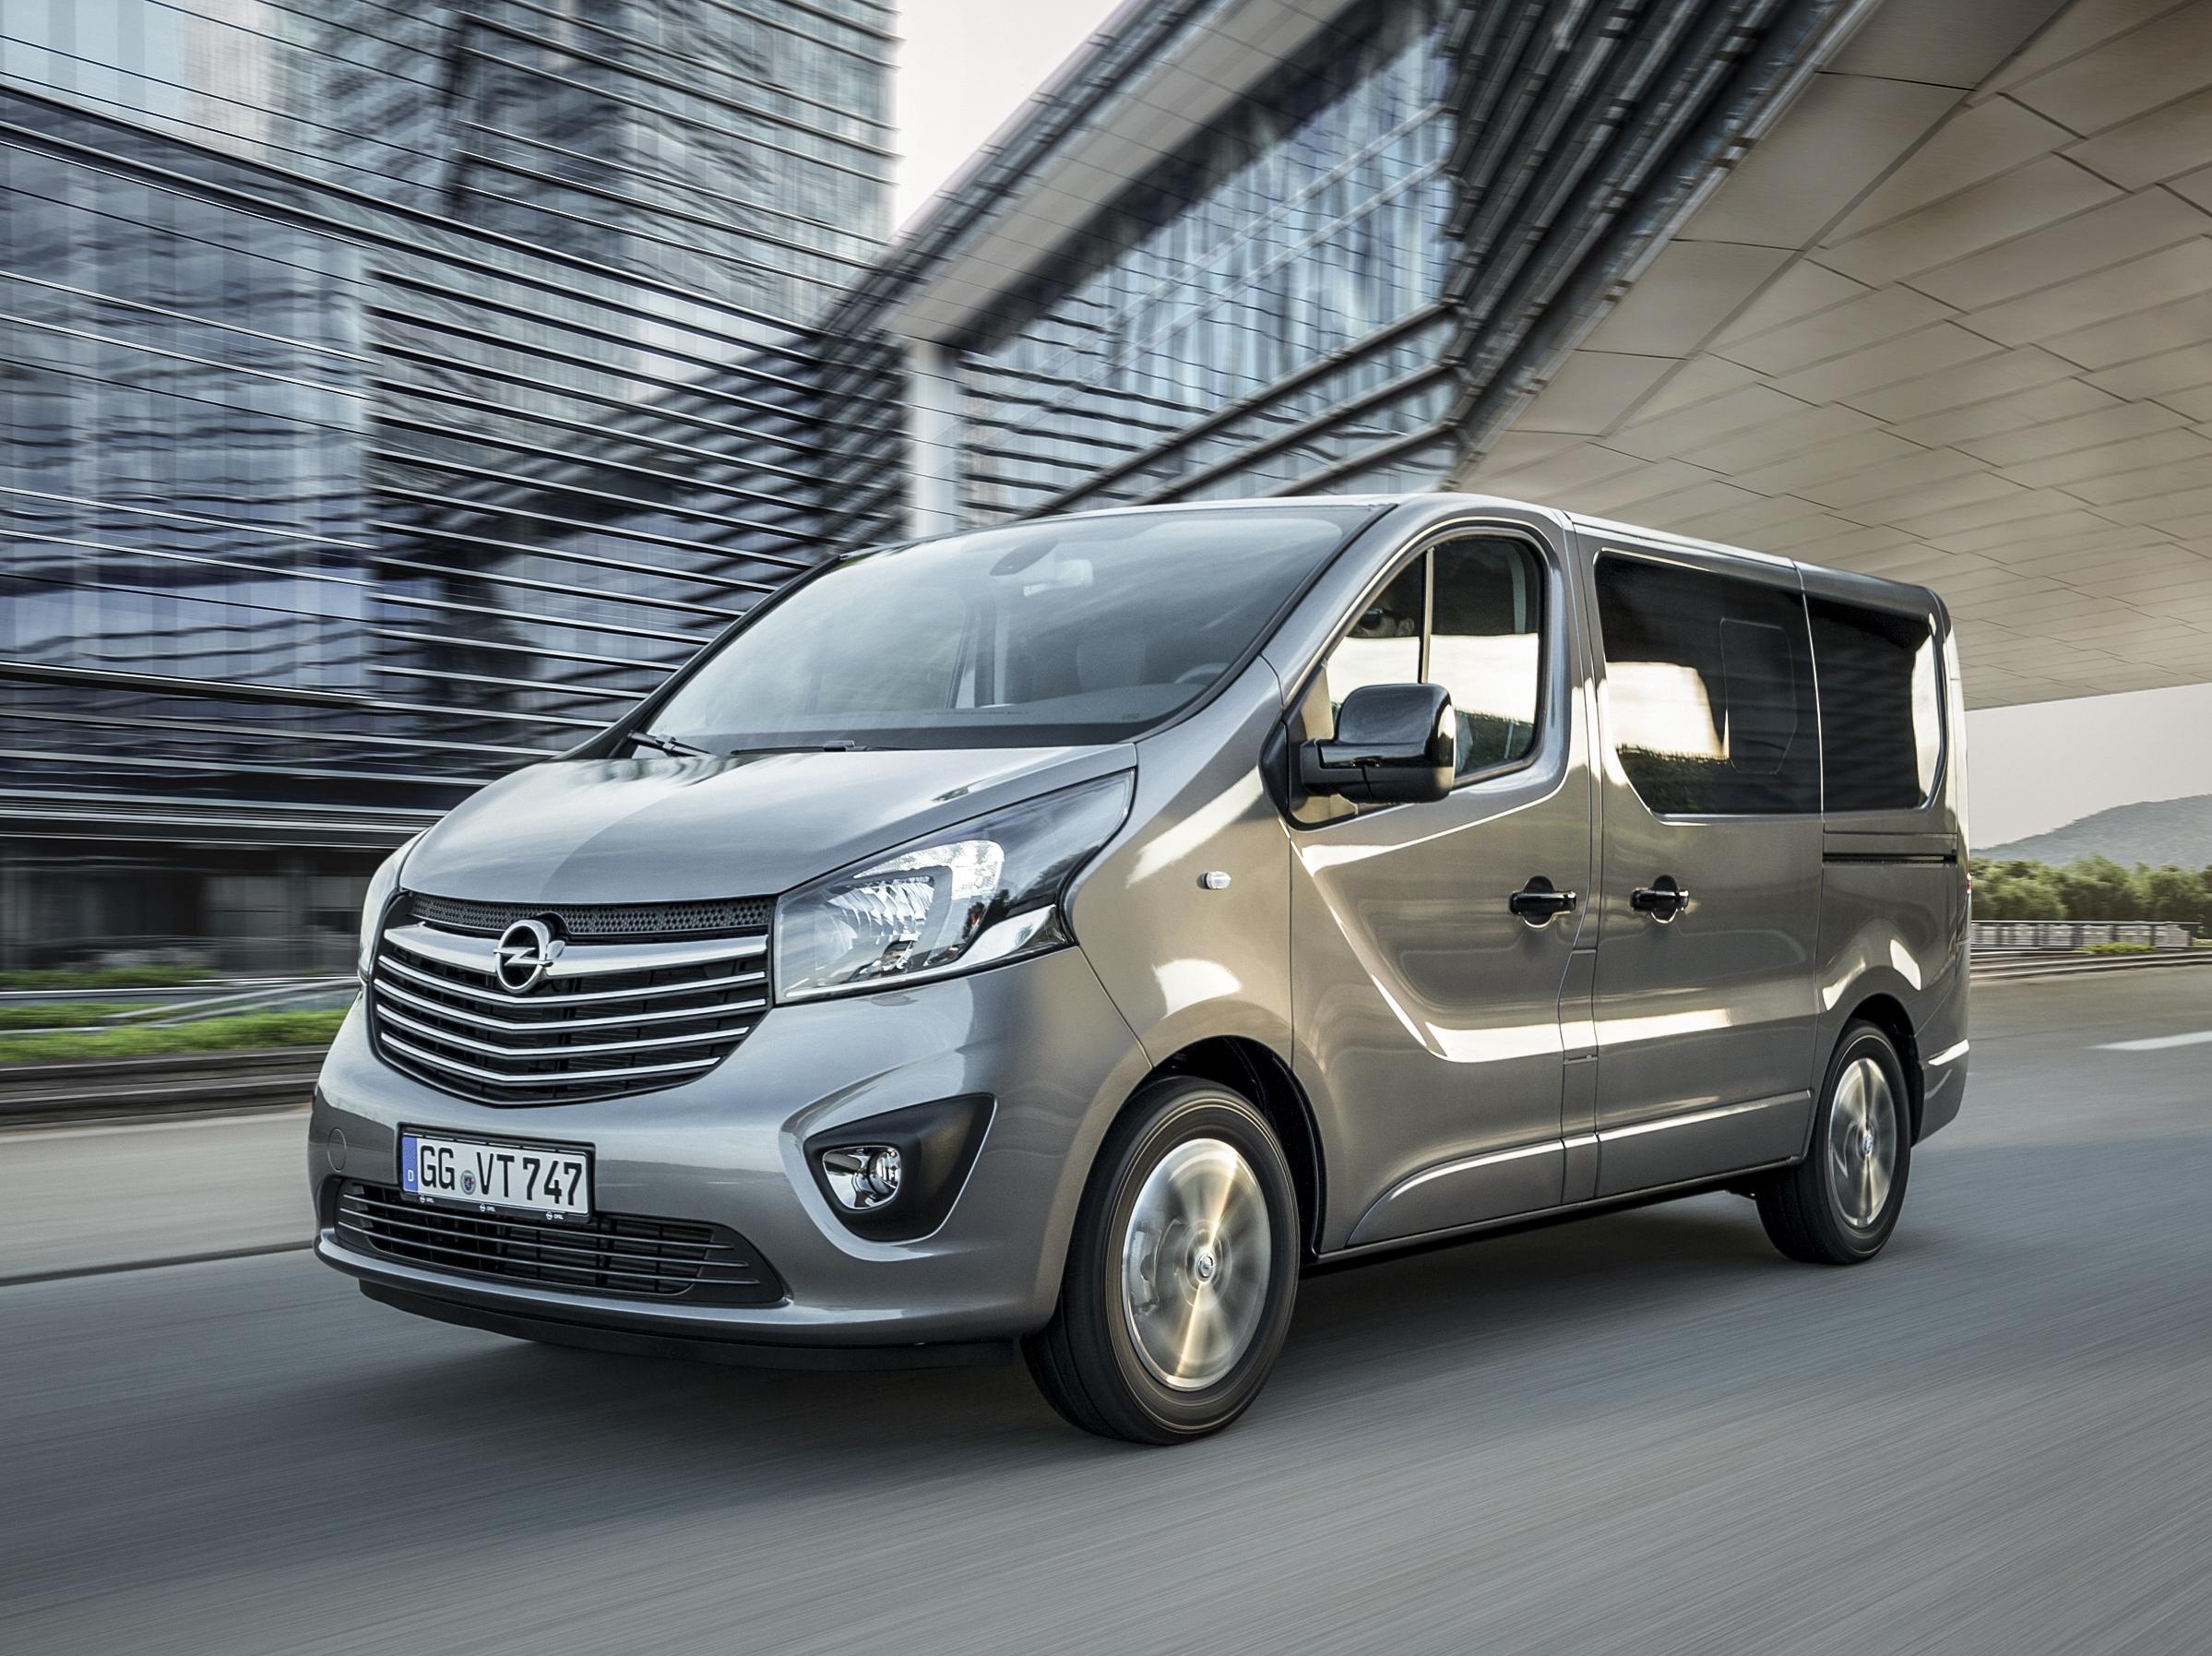 Новите просторни модели Opel Vivaro отбелязаха своята премиера на Международното